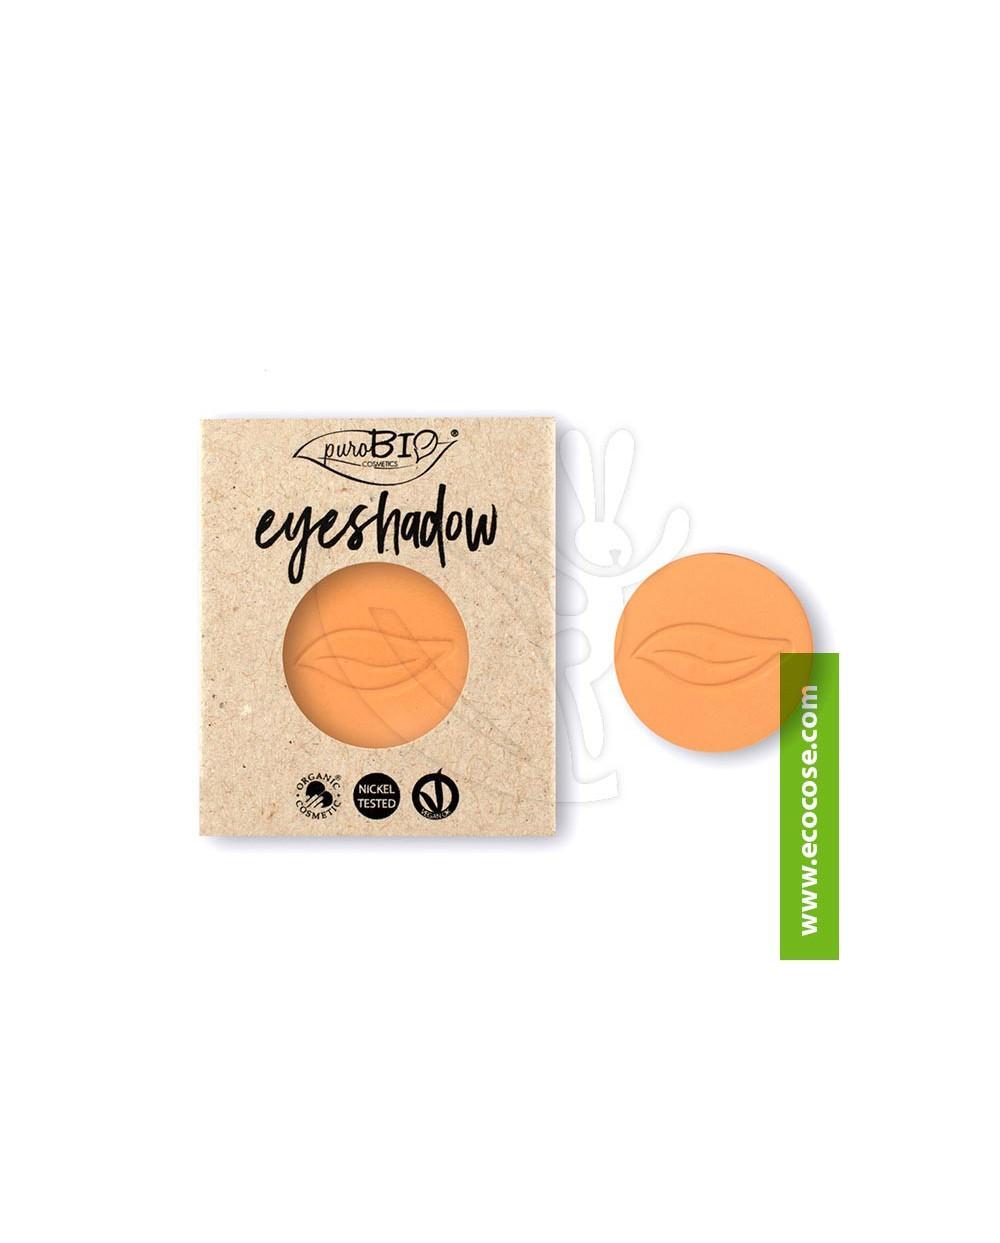 PuroBIO Cosmetics - Ombretto in cialda 12 Pesca - Peach - REFILL